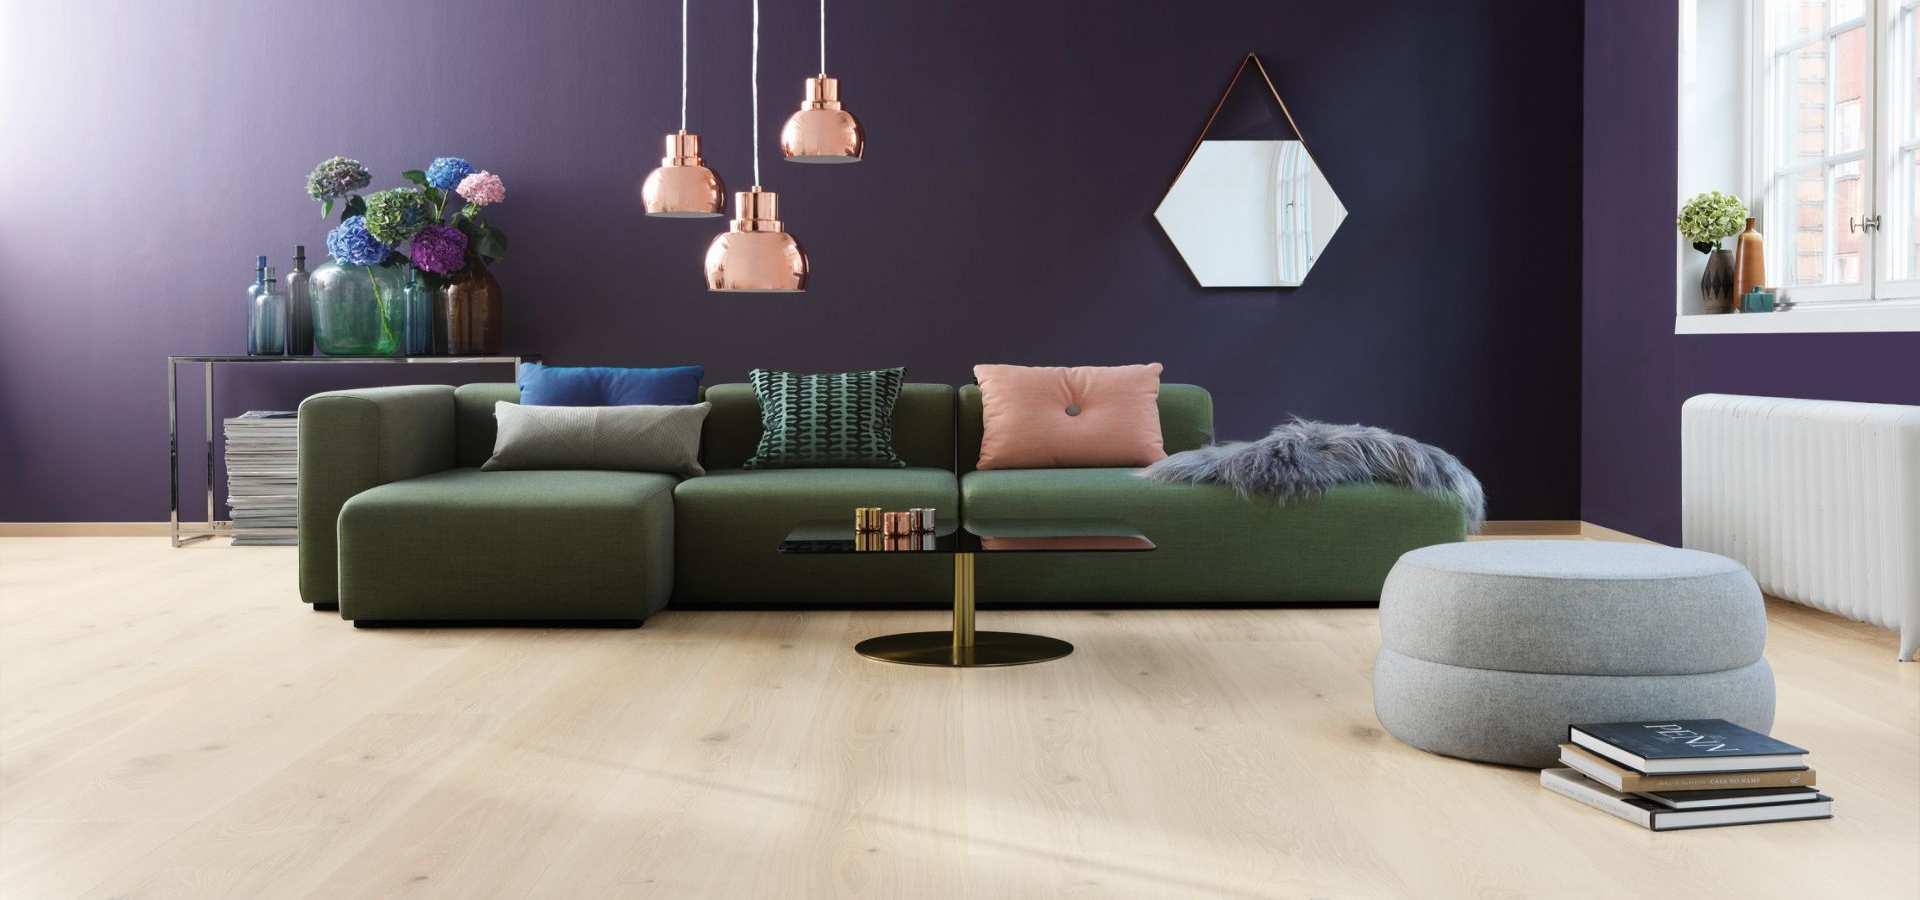 Bild Wohnzimmer Parkett Landhausdiele Eiche elegance